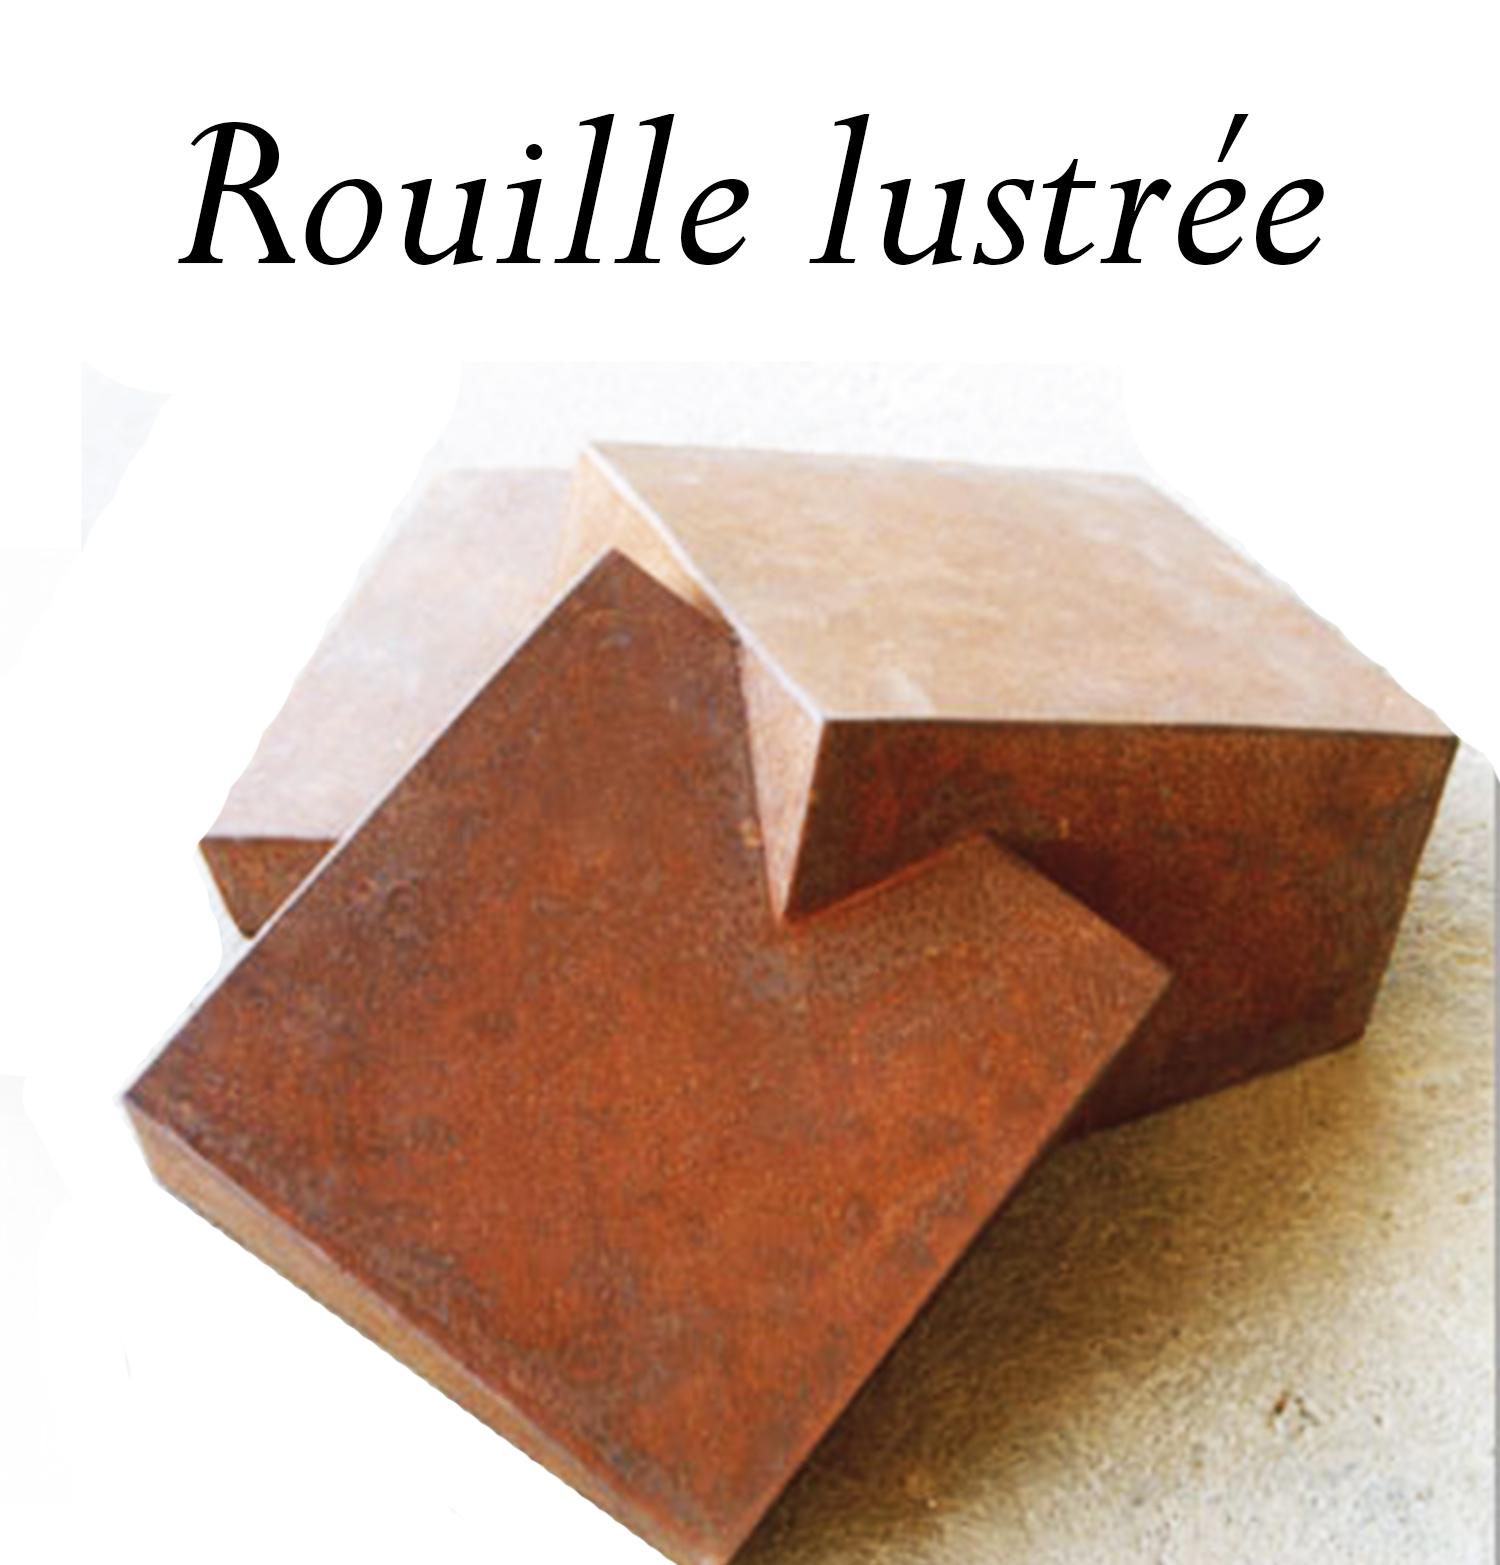 logo_rouille_lustrée.jpg